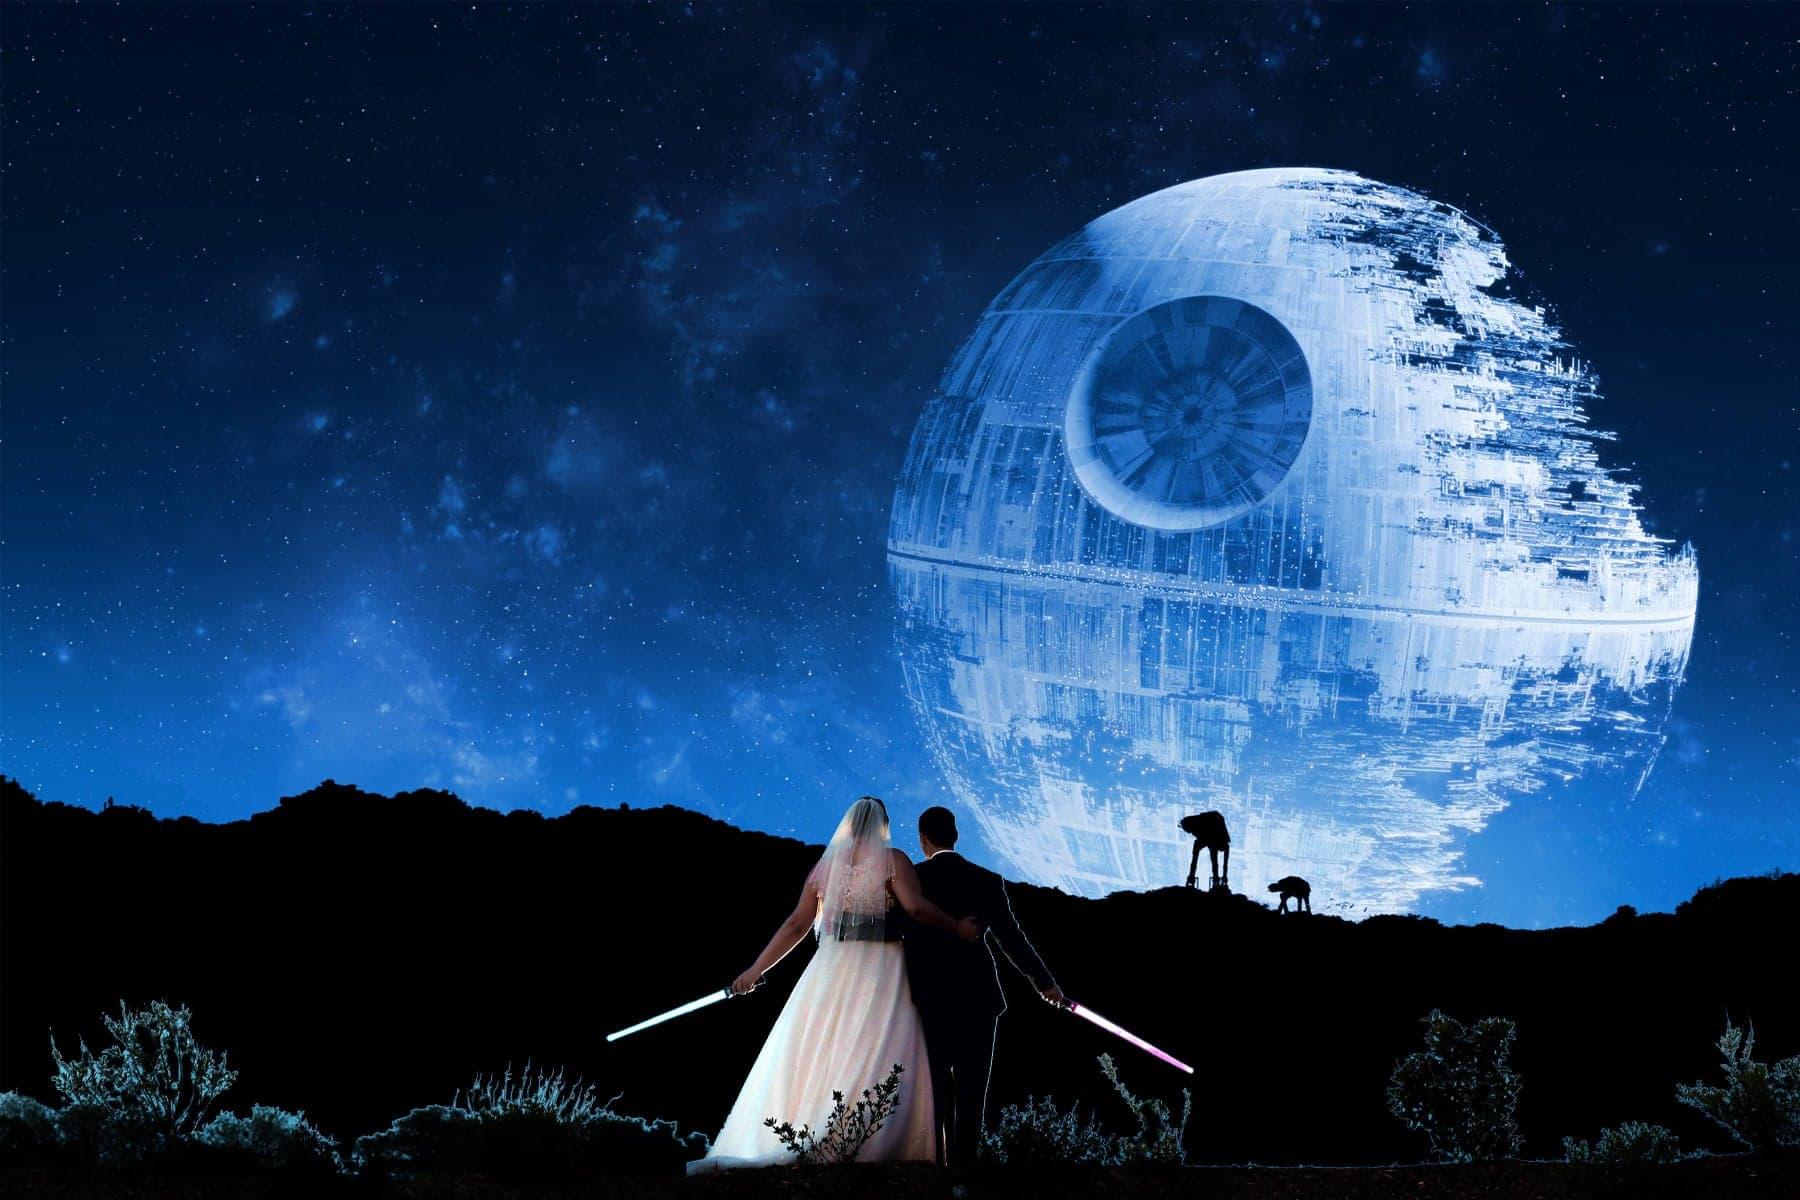 star wars wedding - ella bella events - ipswitch wedding planner - quirky wedding planner - uk wedding planner - suffolk wedding planner